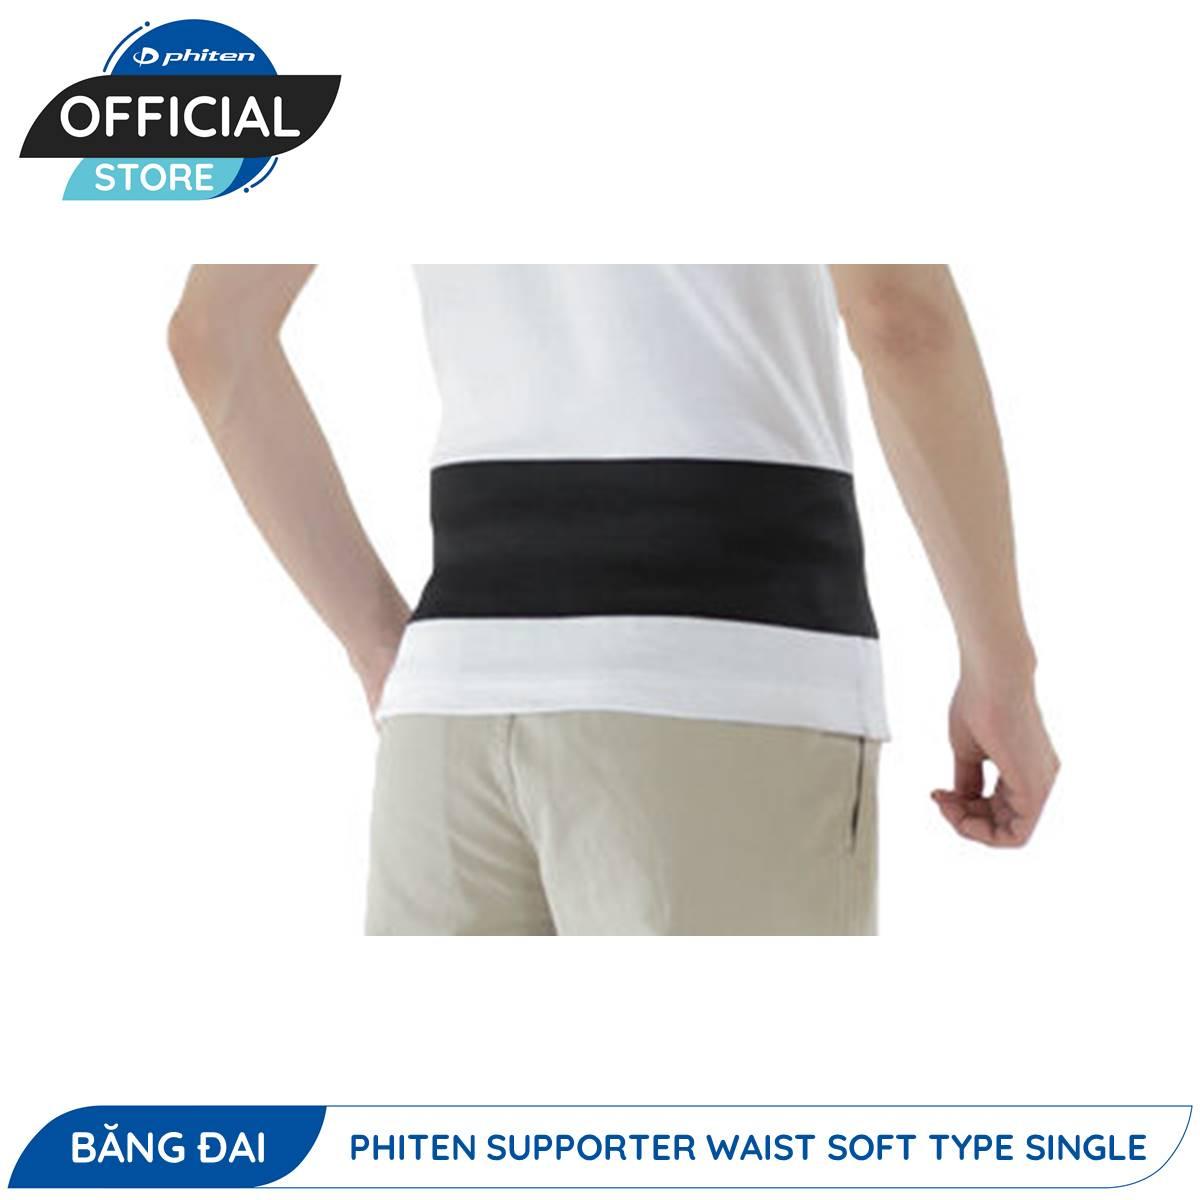 Đai Bảo Vệ Thắt Lưng Phiten Supporter Waist Soft Type Single (Loại Đơn Mềm)